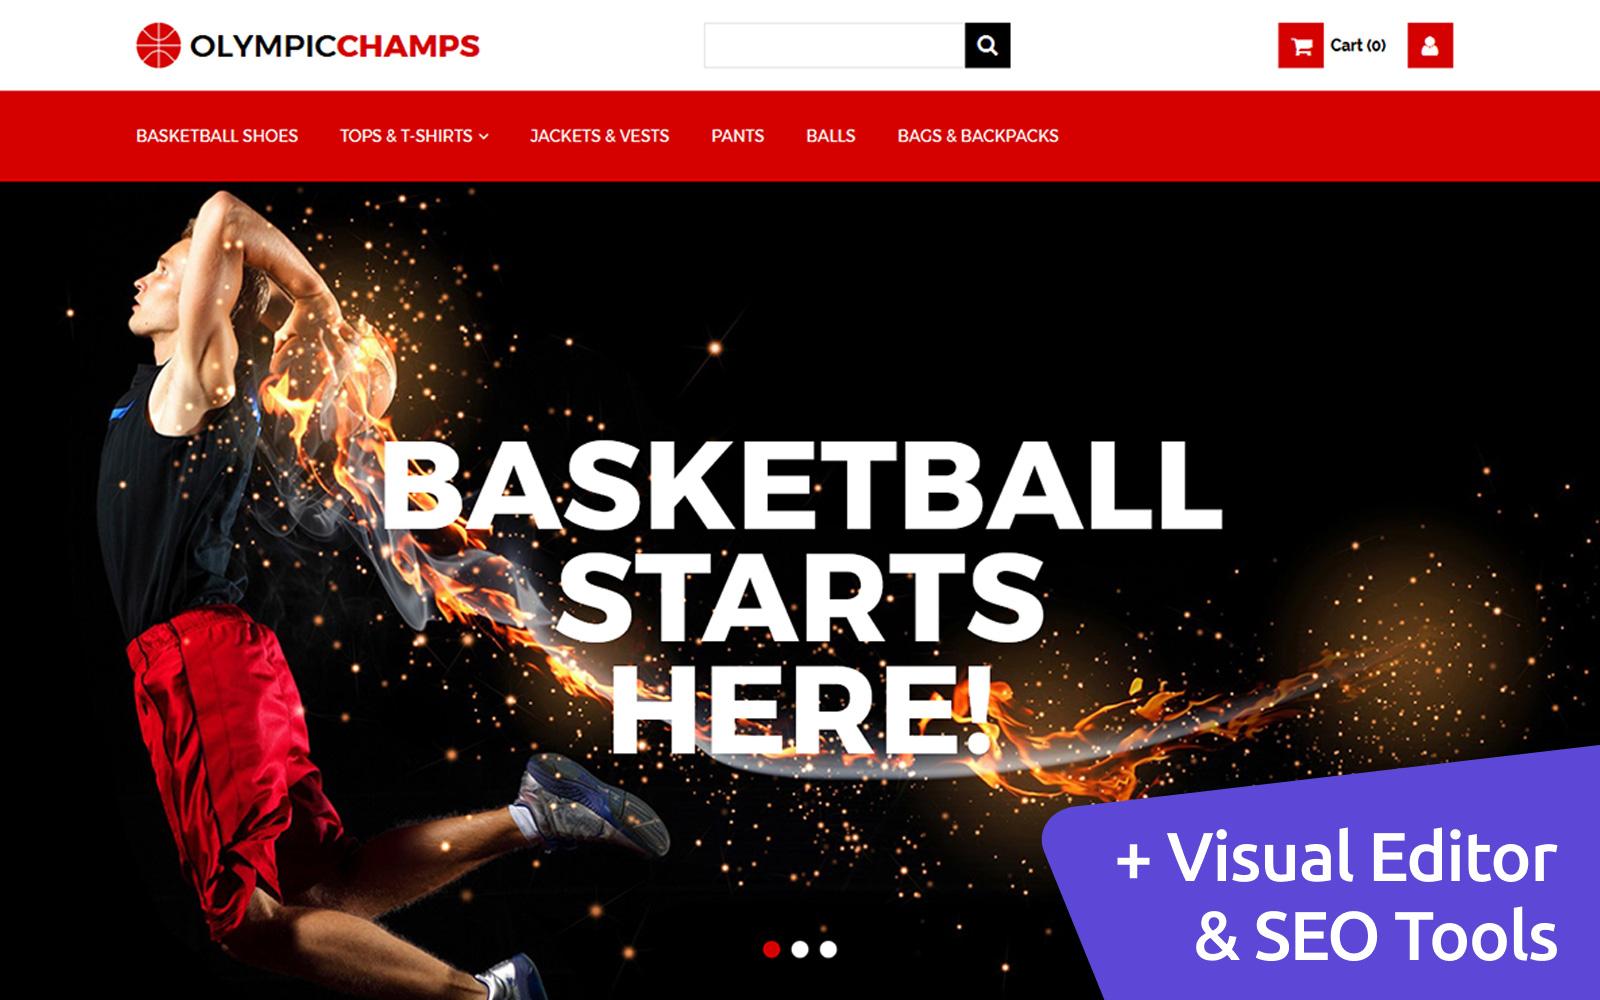 """""""OlympicChamps - Basketball"""" modèle MotoCMS pour commerce électronique adaptatif #65069"""